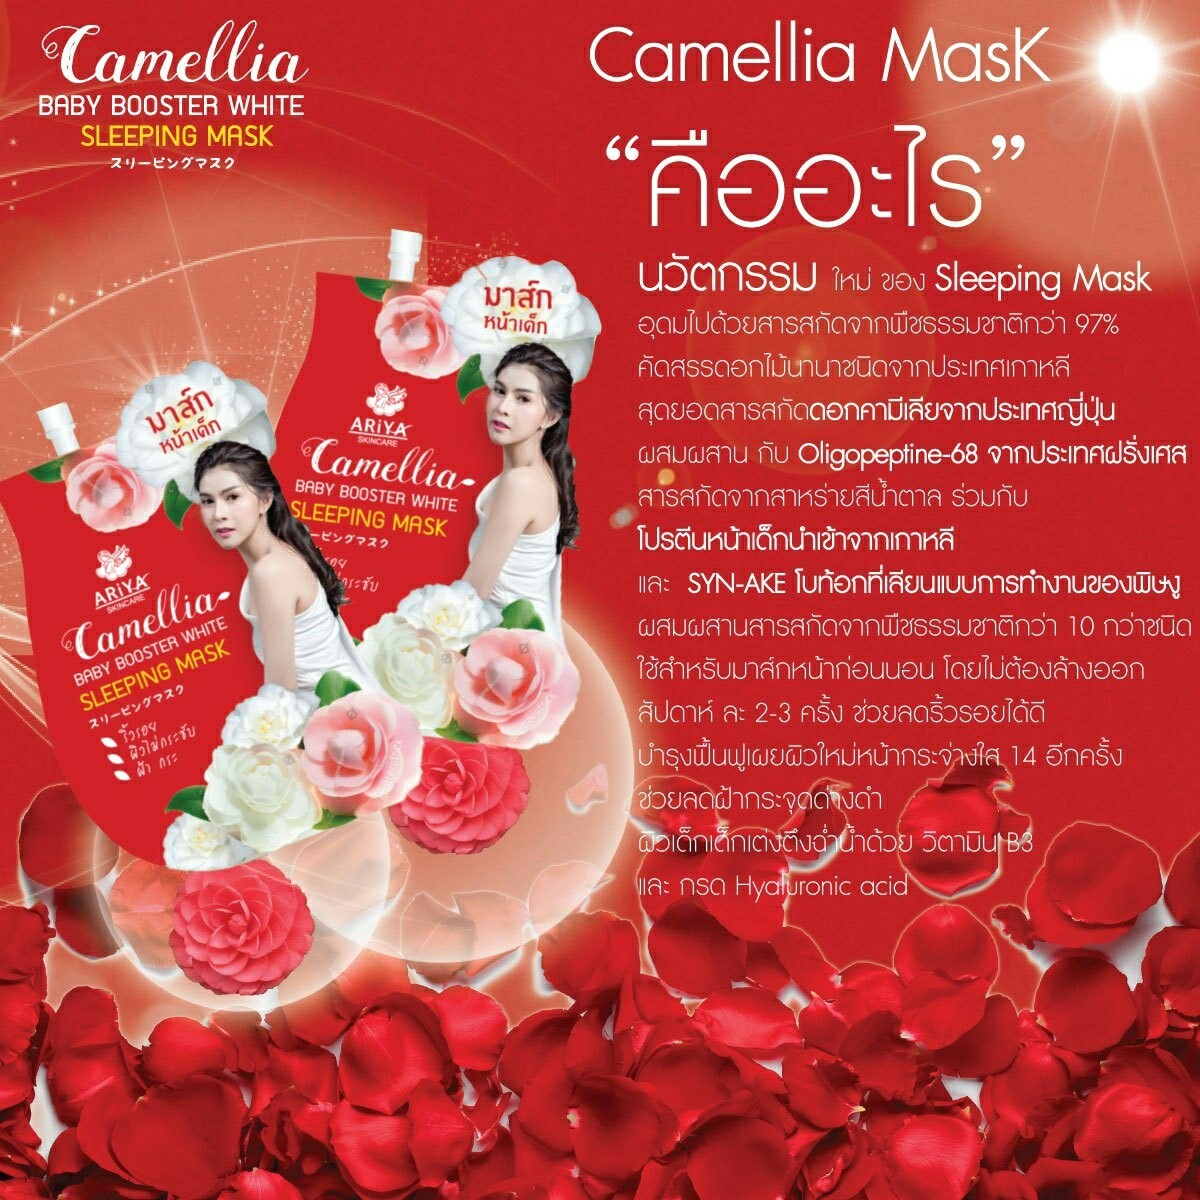 คาร์มีเลียมาร์ก camelliamask